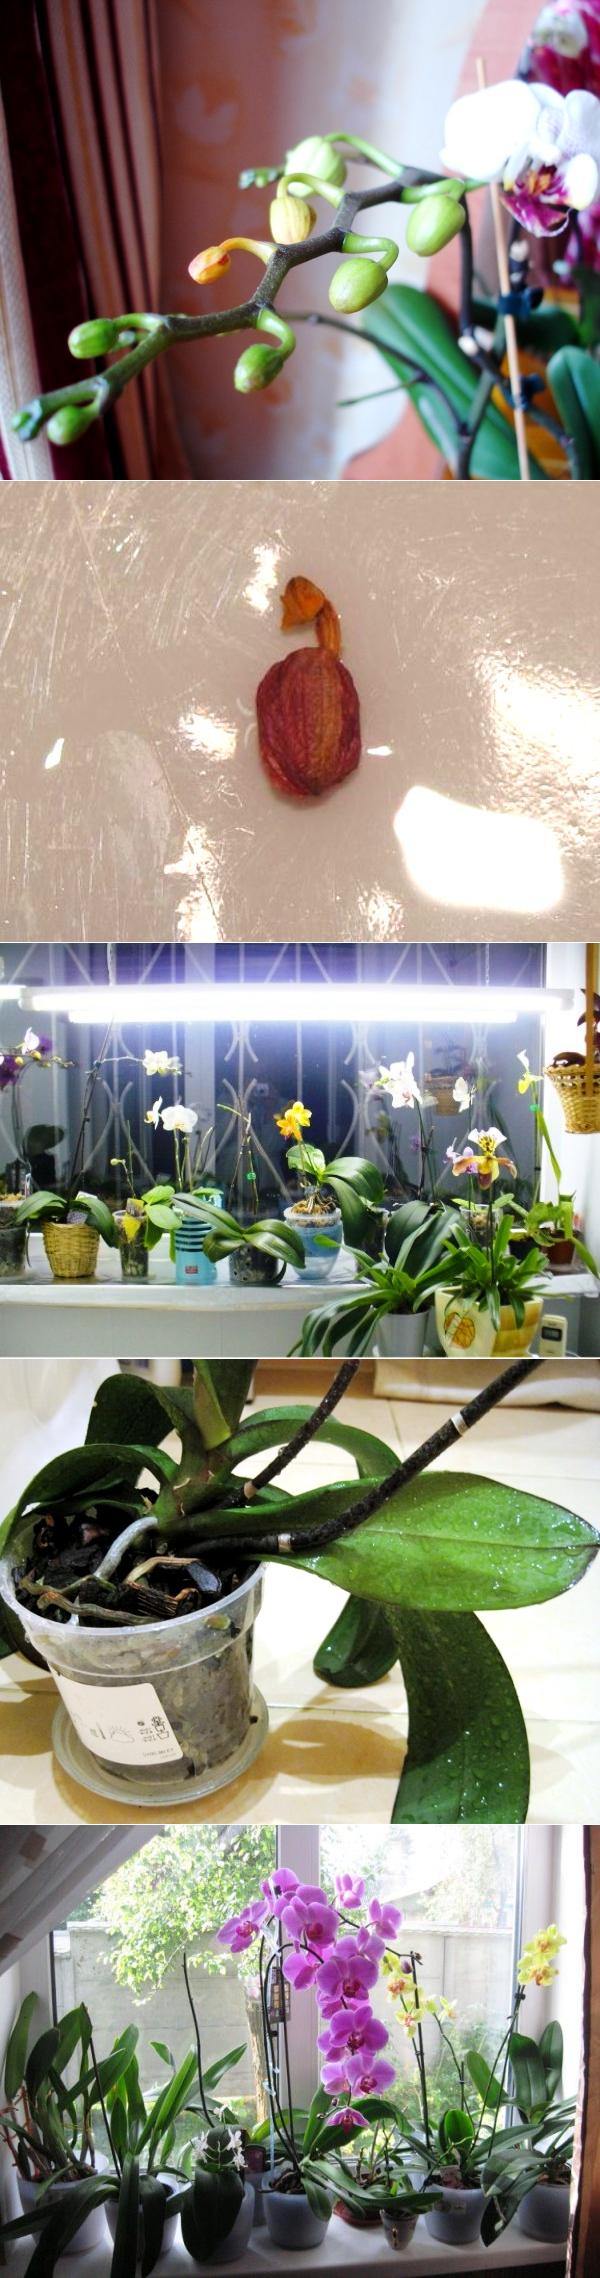 По каким причинам опадают бутоны у орхидеи